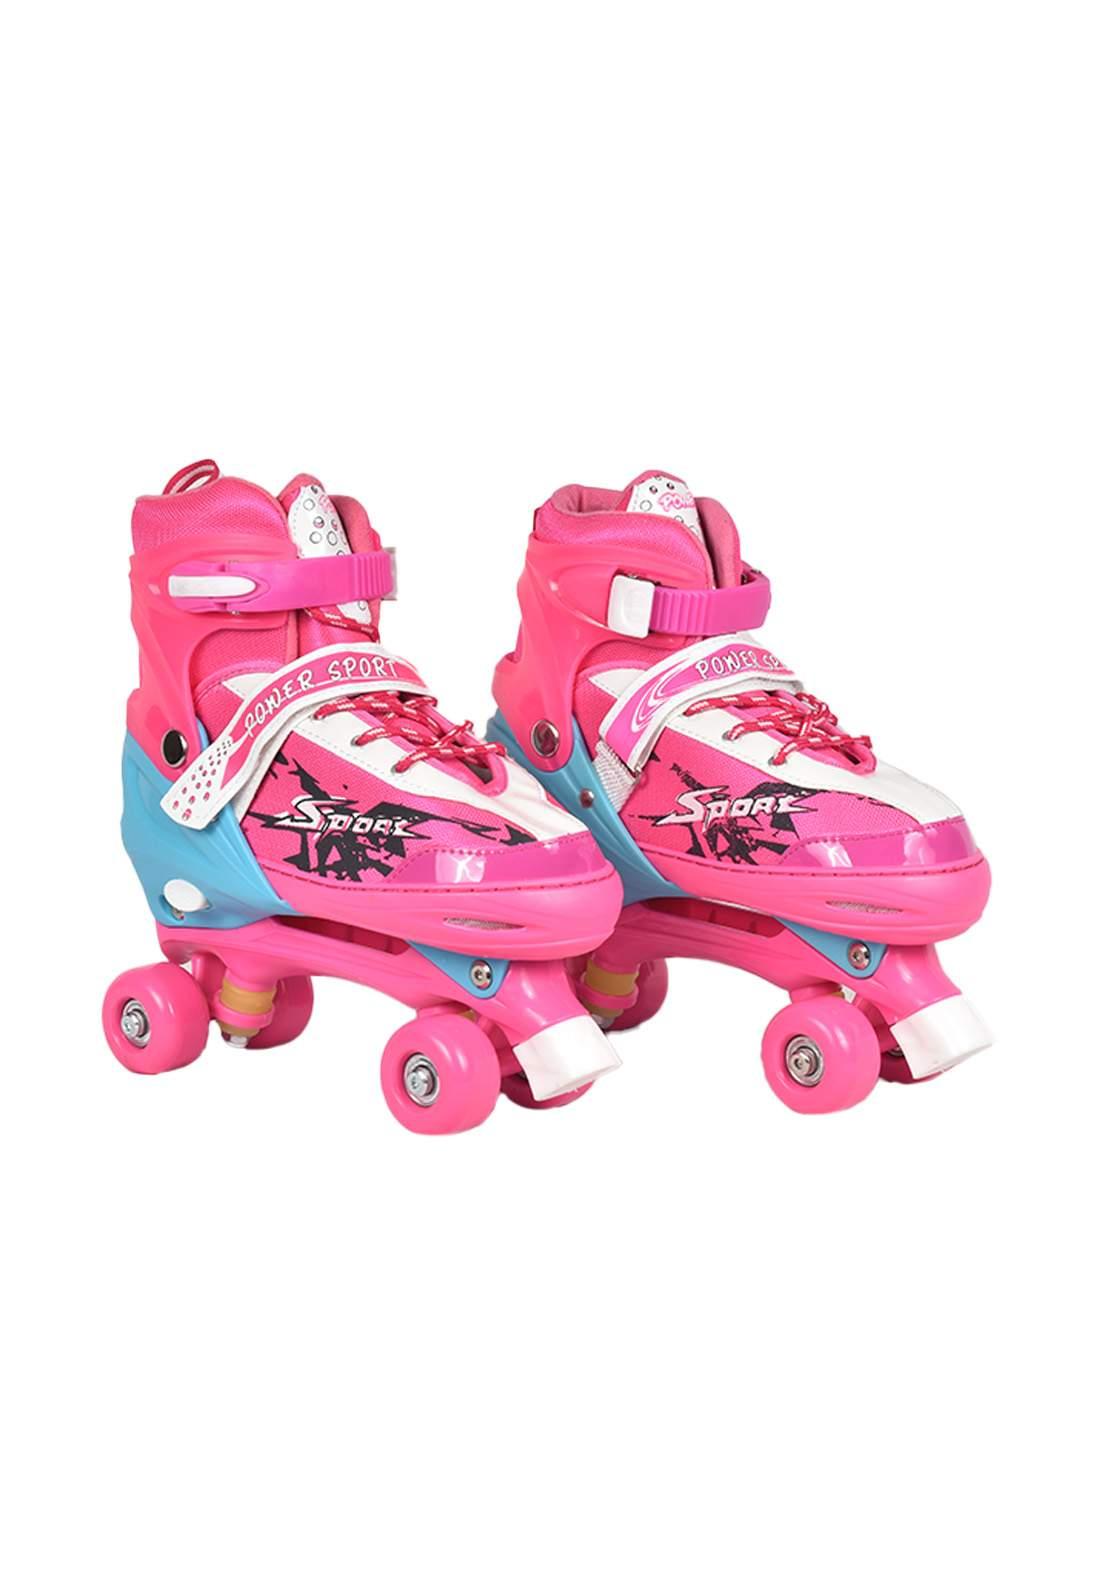 skate shoes For Kids حذاء تزلج